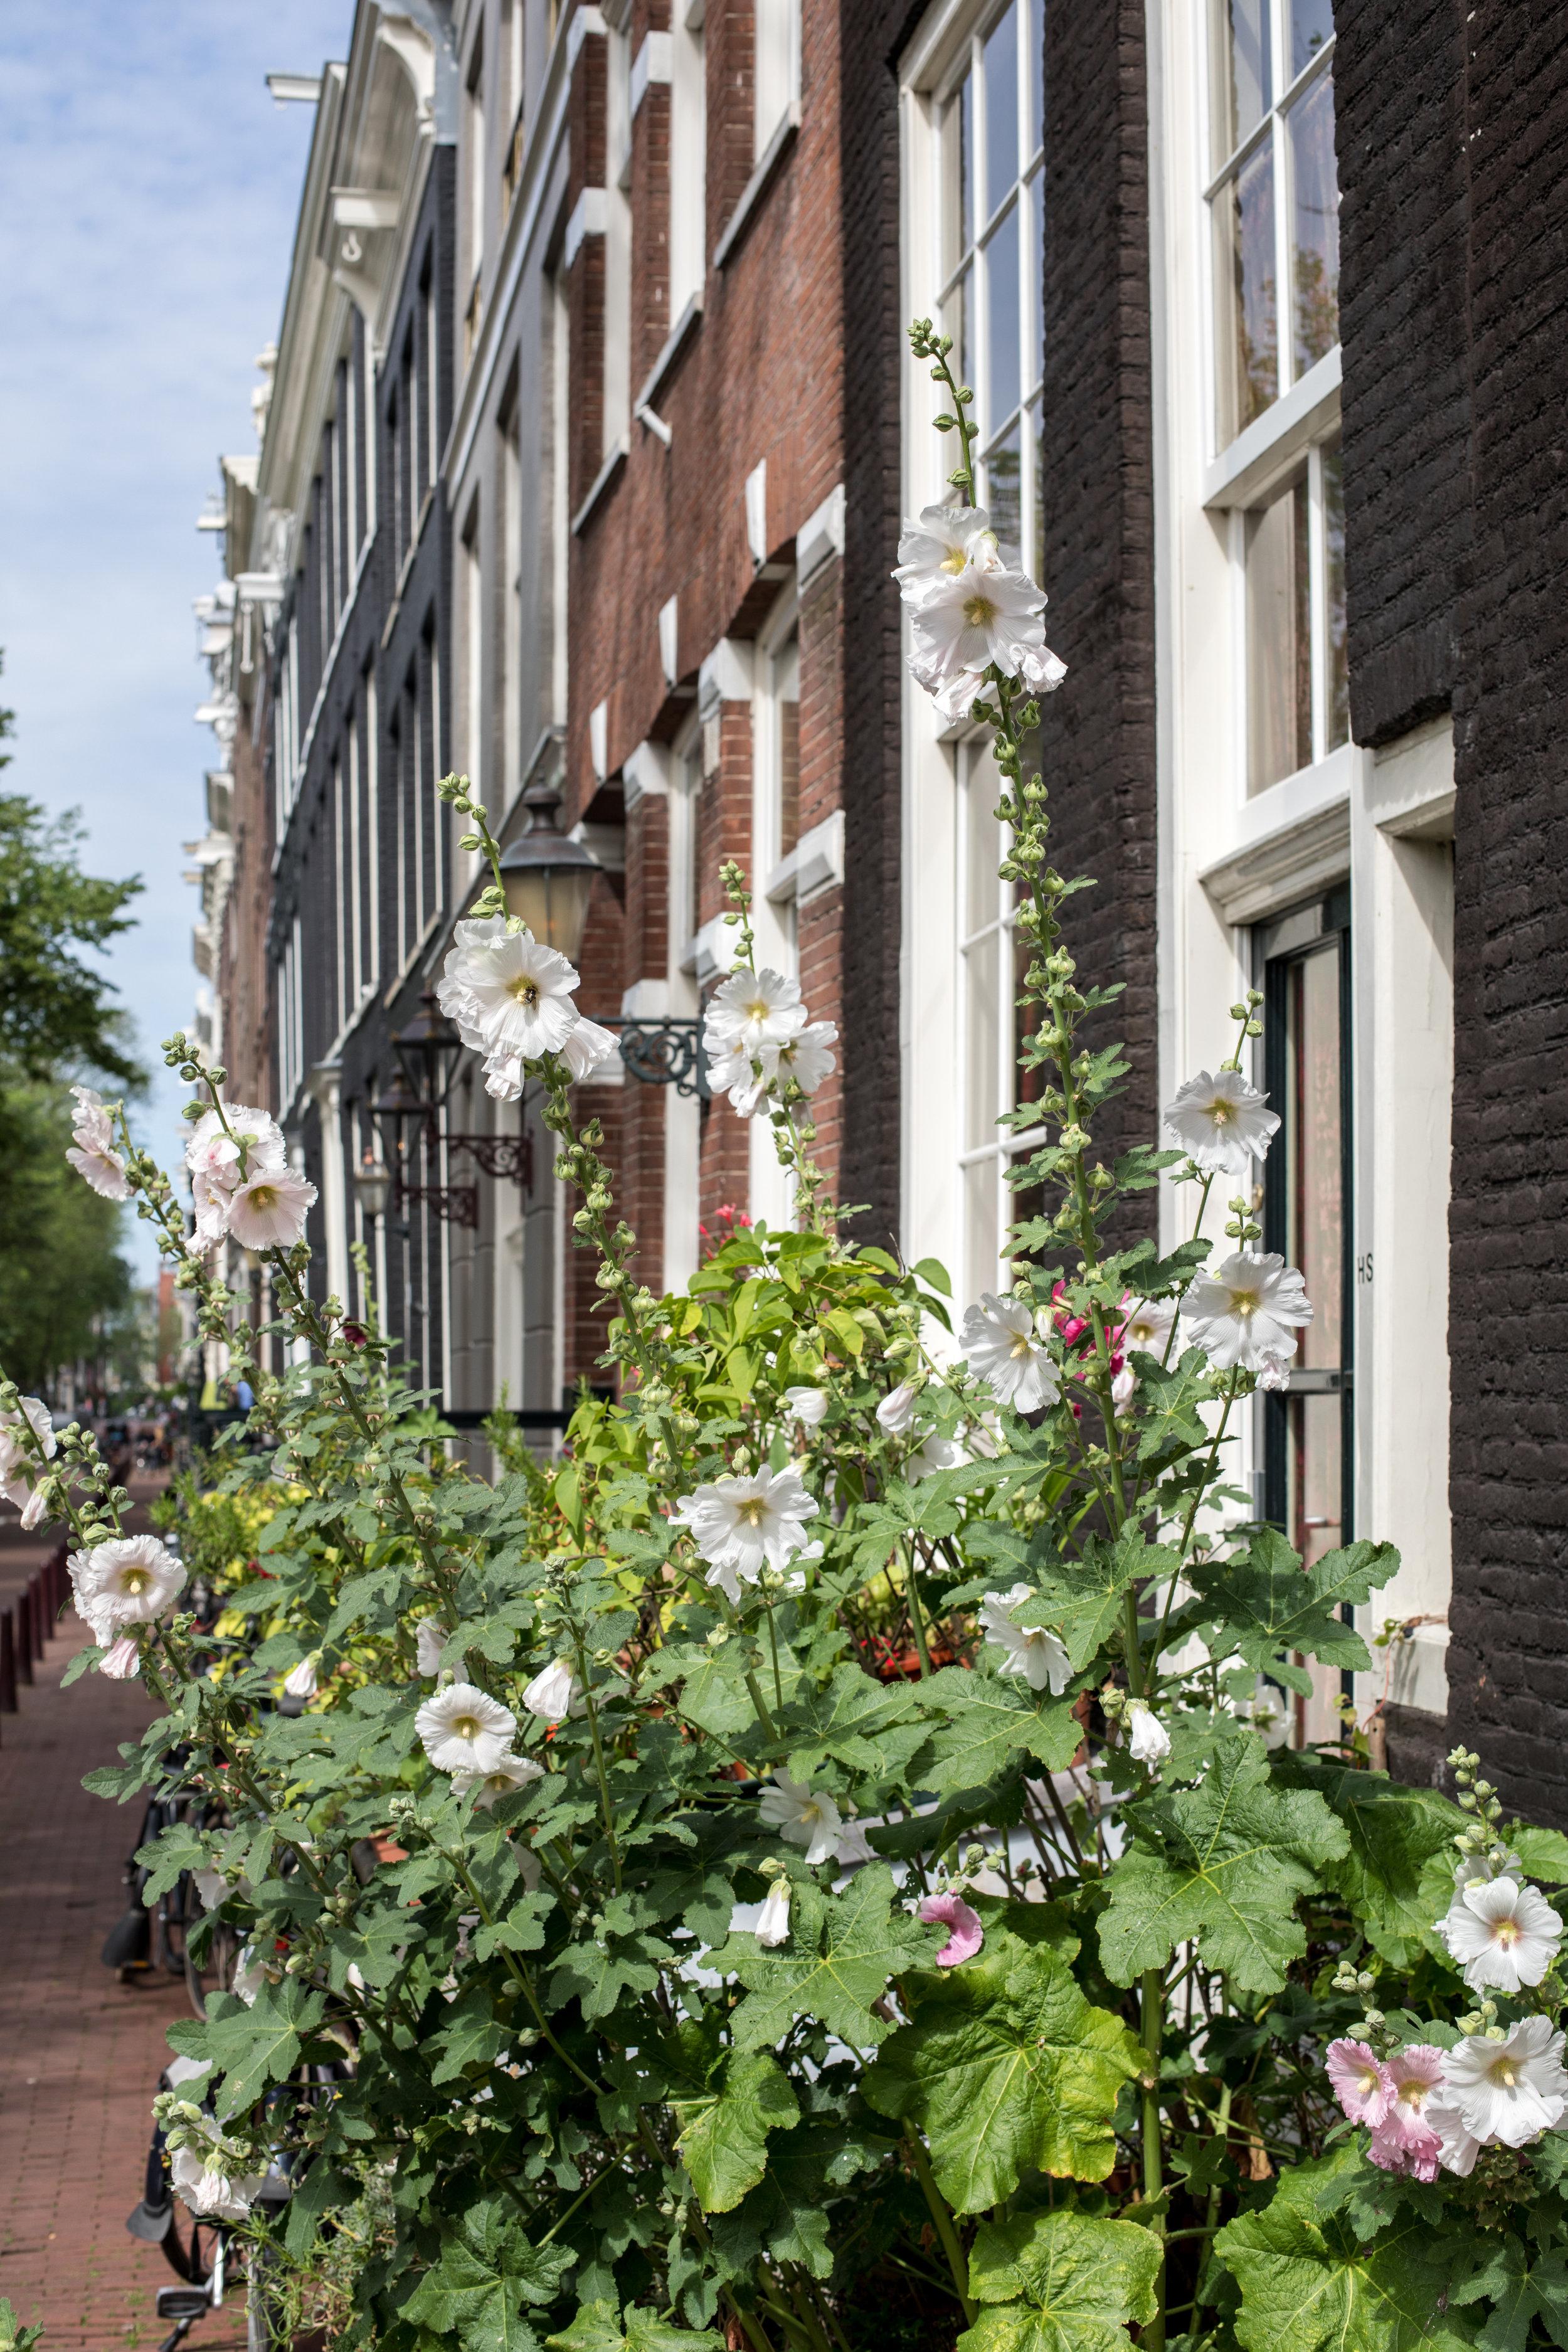 amsterdam-summer-hollyhocks-2.jpg